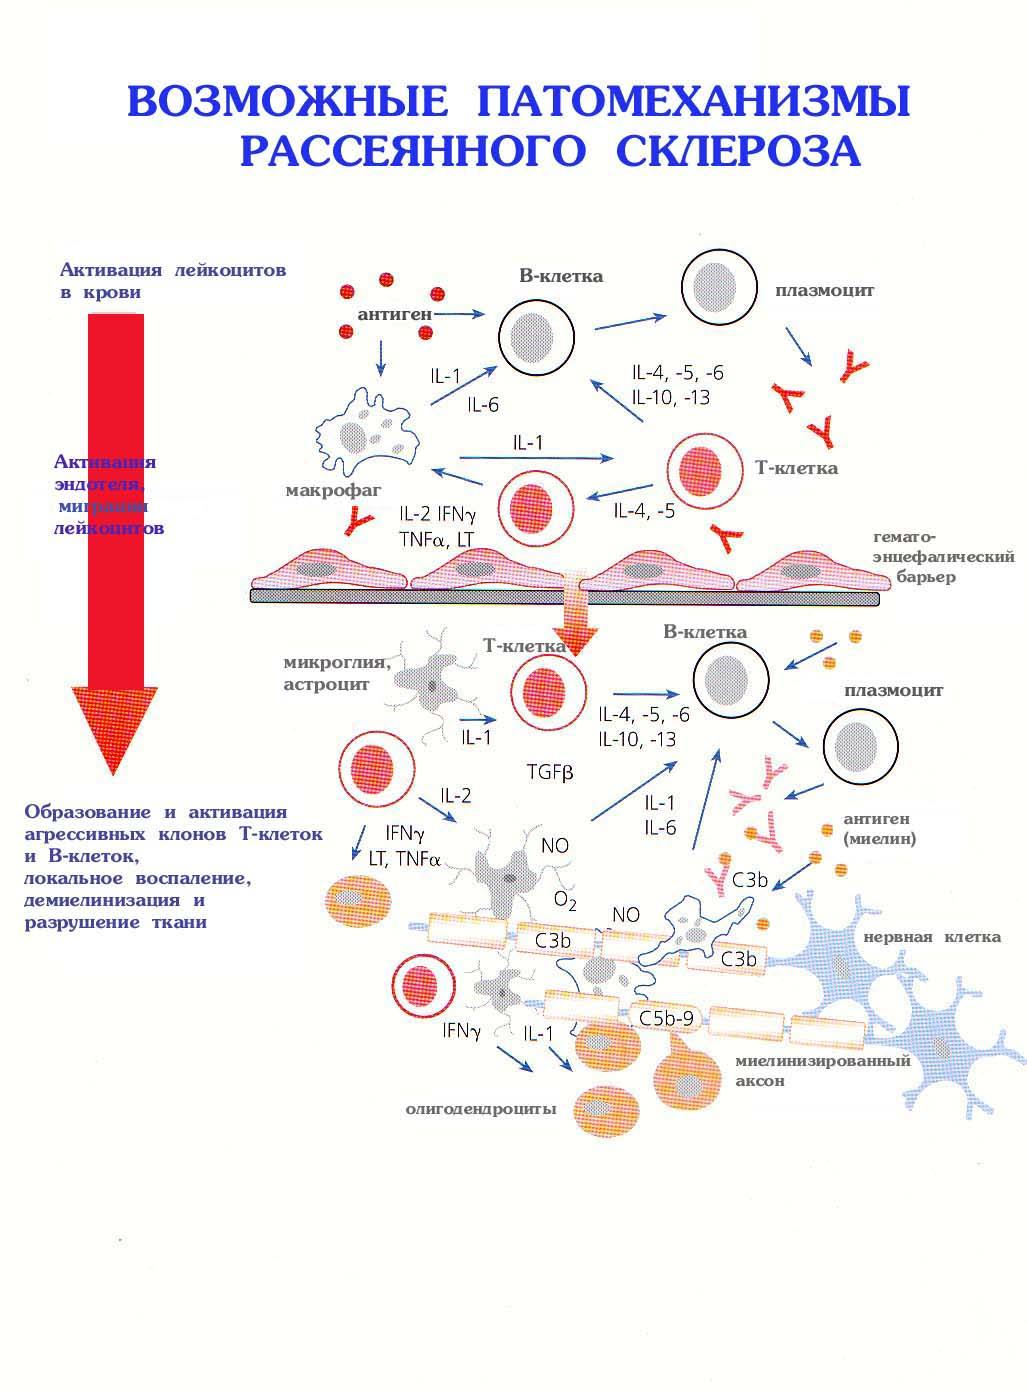 Дексаметазон схема приема при рассеянном склерозе